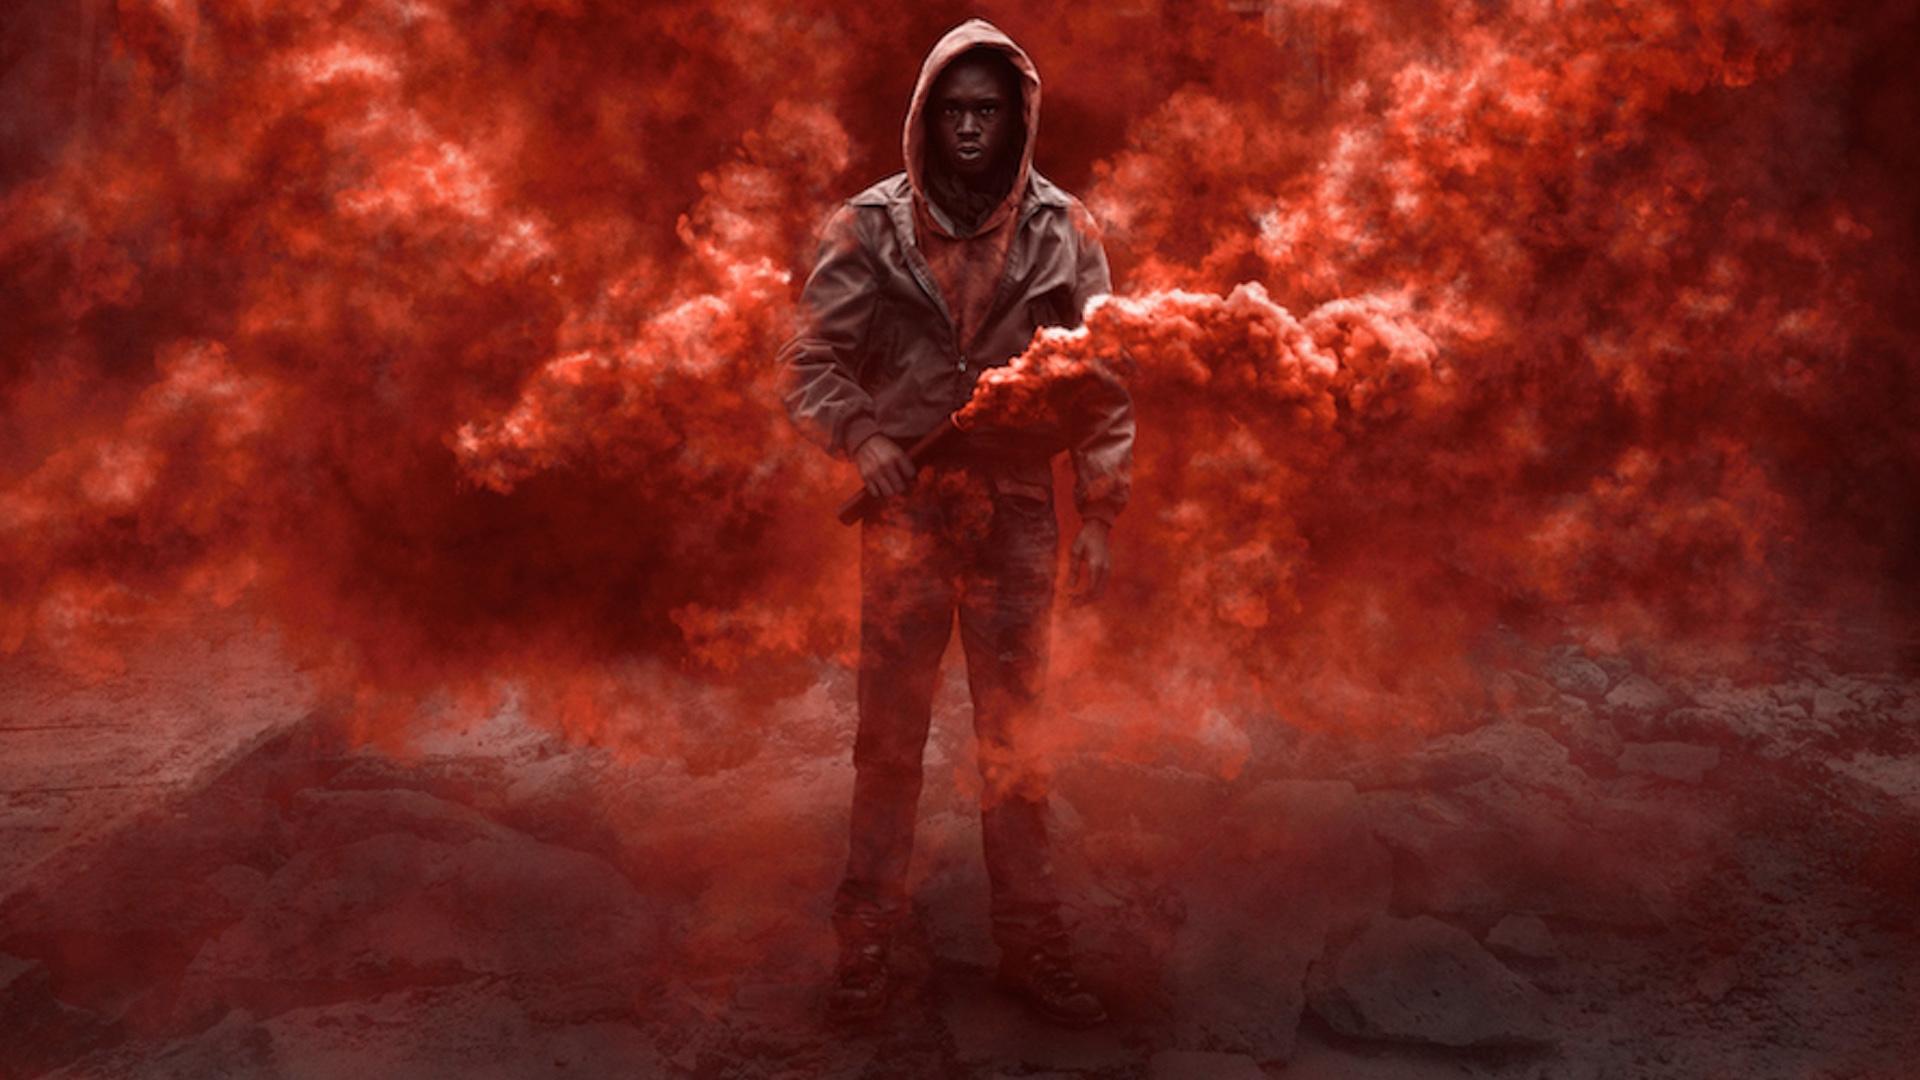 Captive State est un film réalisé par Rupert Wyatt avec John Goodman Vera Farmiga Synopsis Les extraterrestres ont envahi la Terre Occupée la ville de